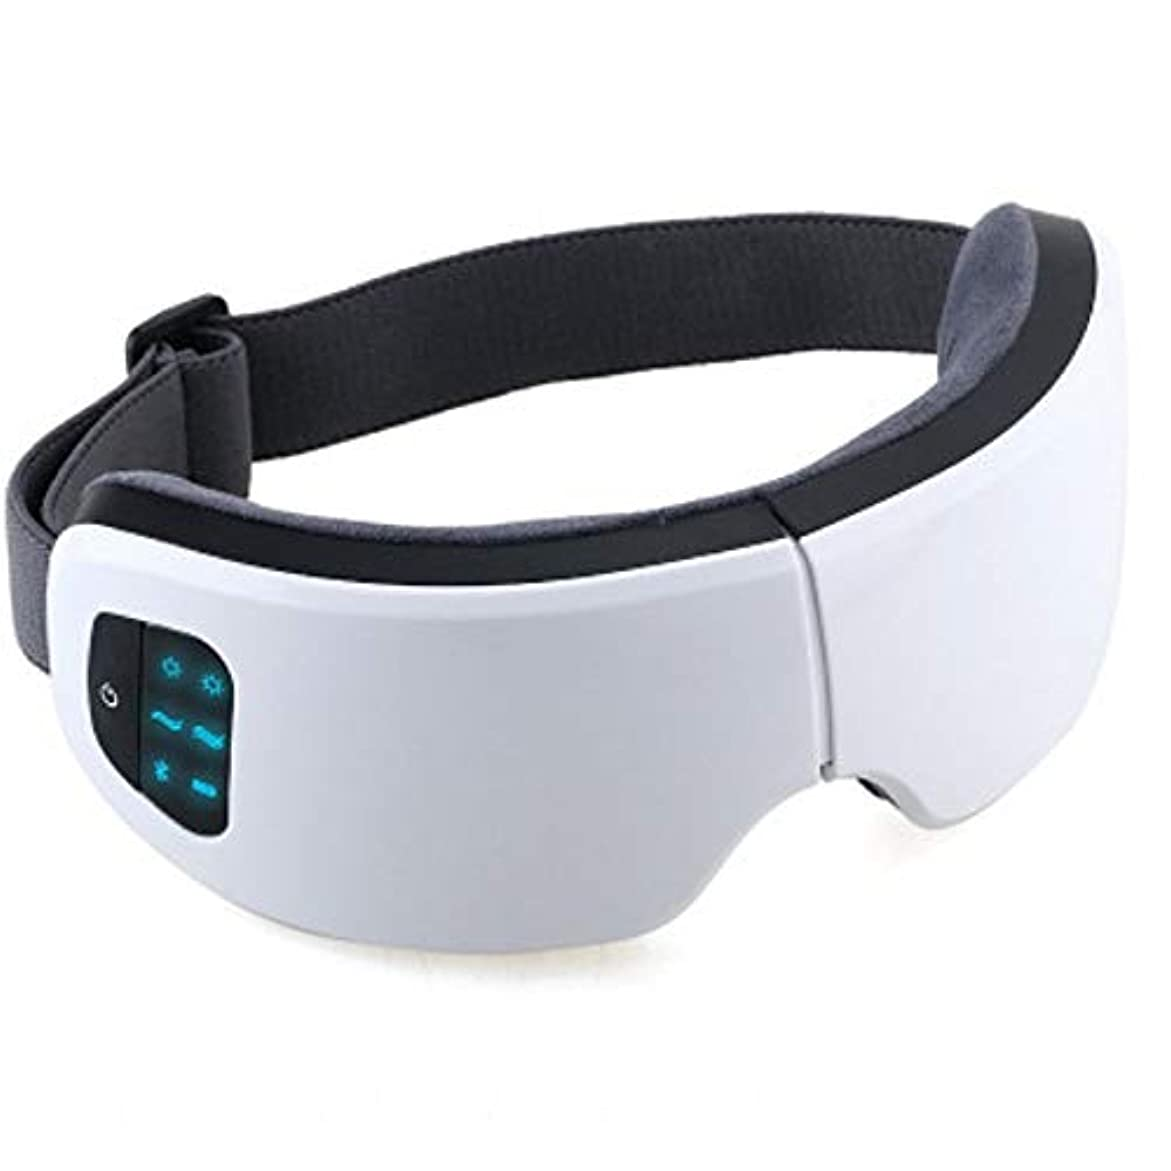 看板拡散する人柄Ostulla 高度の目のマッサージャー、暖房モードの無線再充電可能な折る目のマッサージャー 気配りの行き届いたサービス